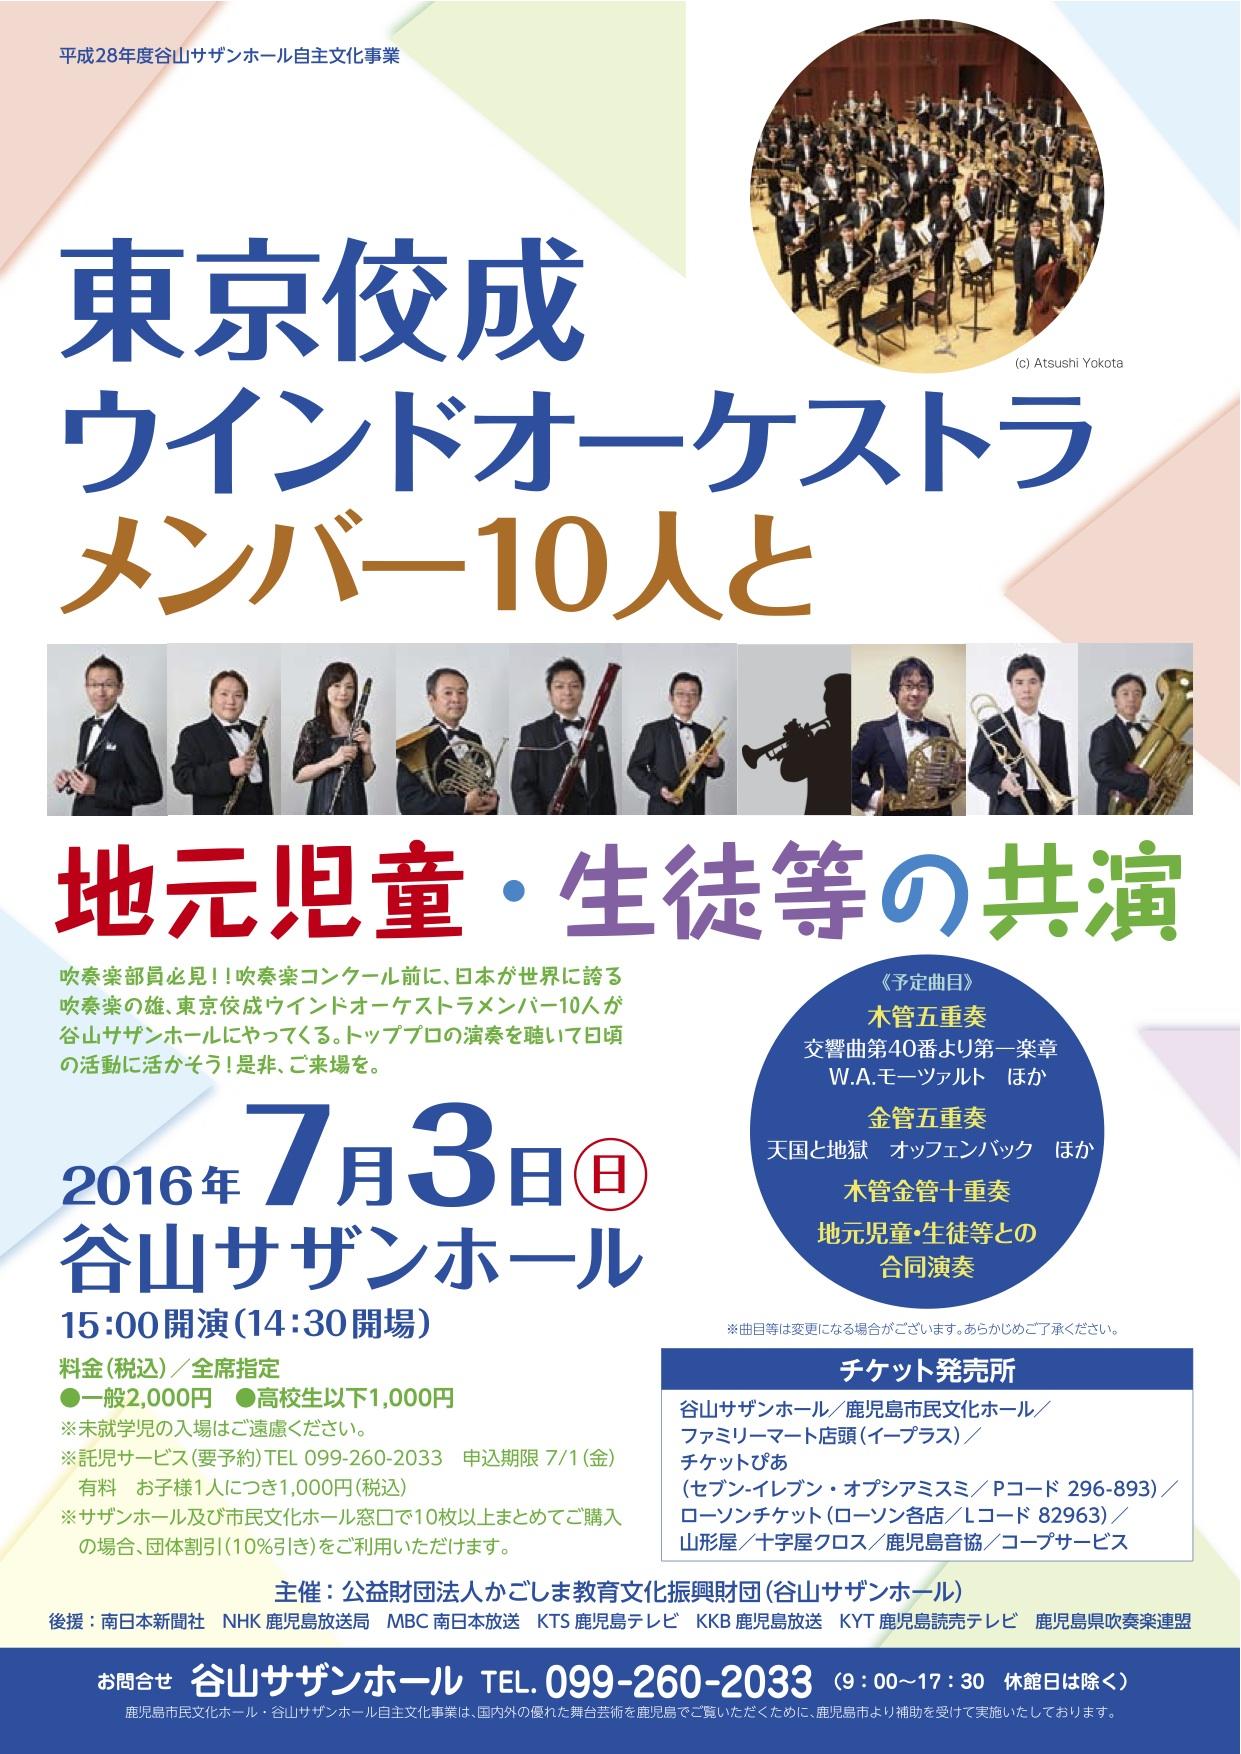 鹿児島アンサンブル公演2016